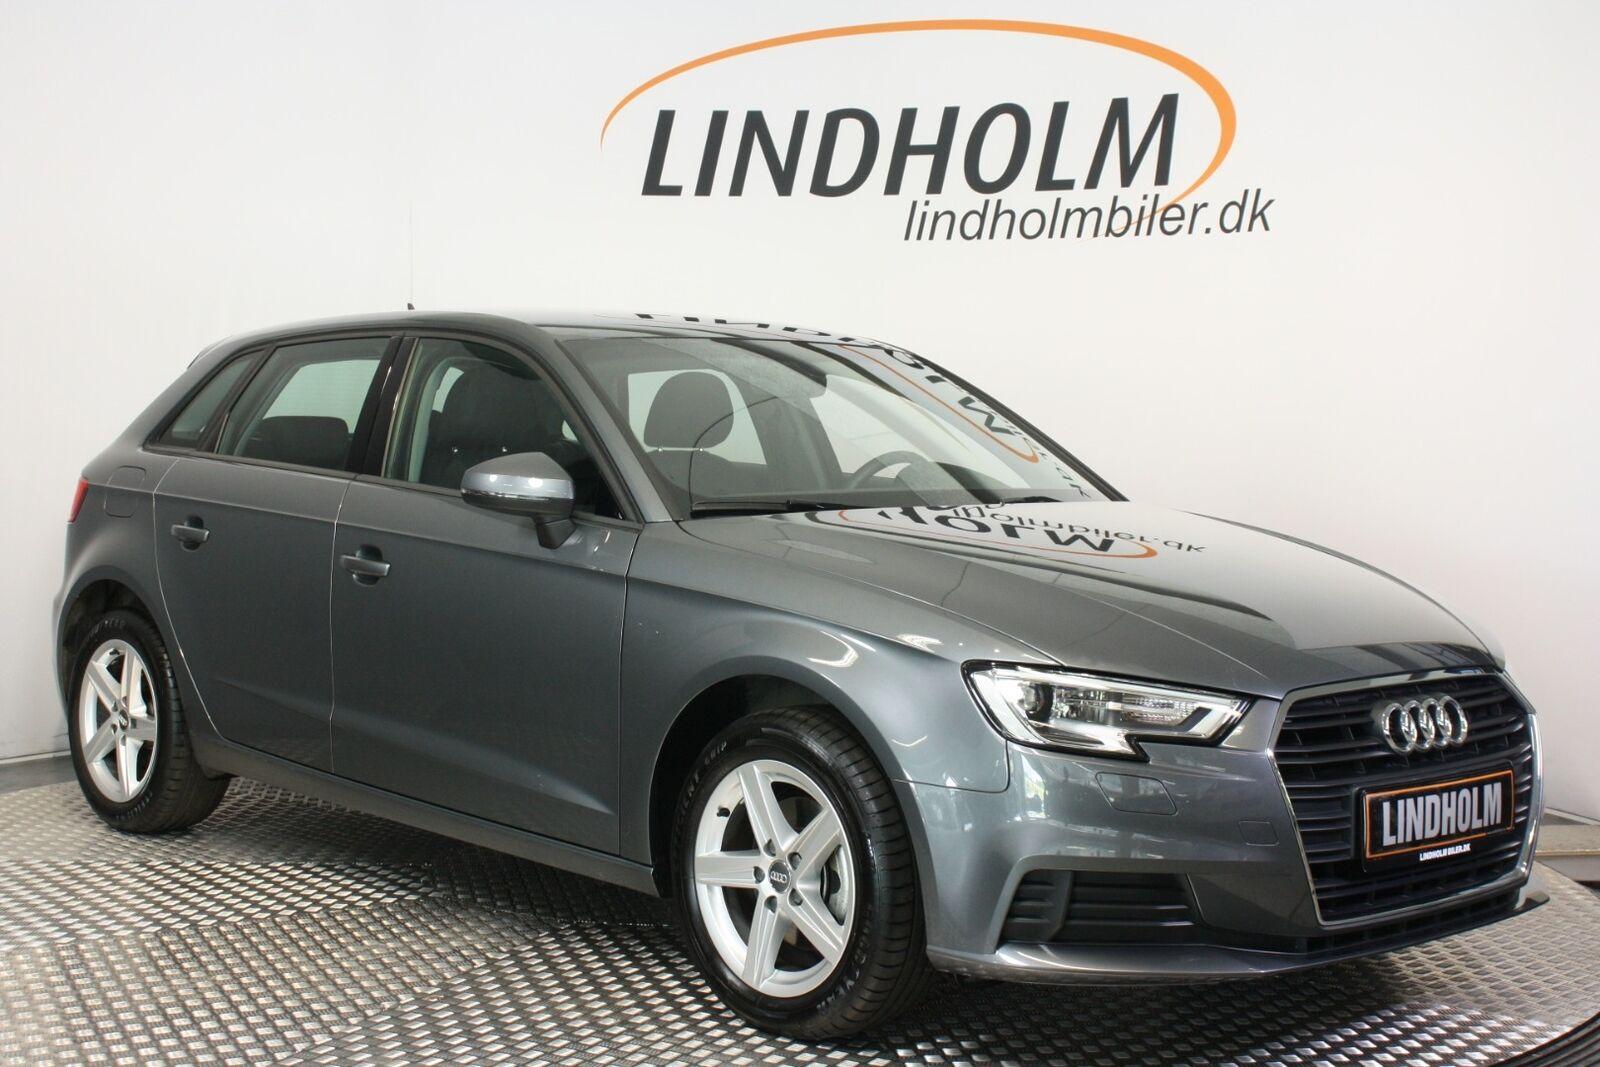 Audi A3 1,0 TFSi 116 SB 5d